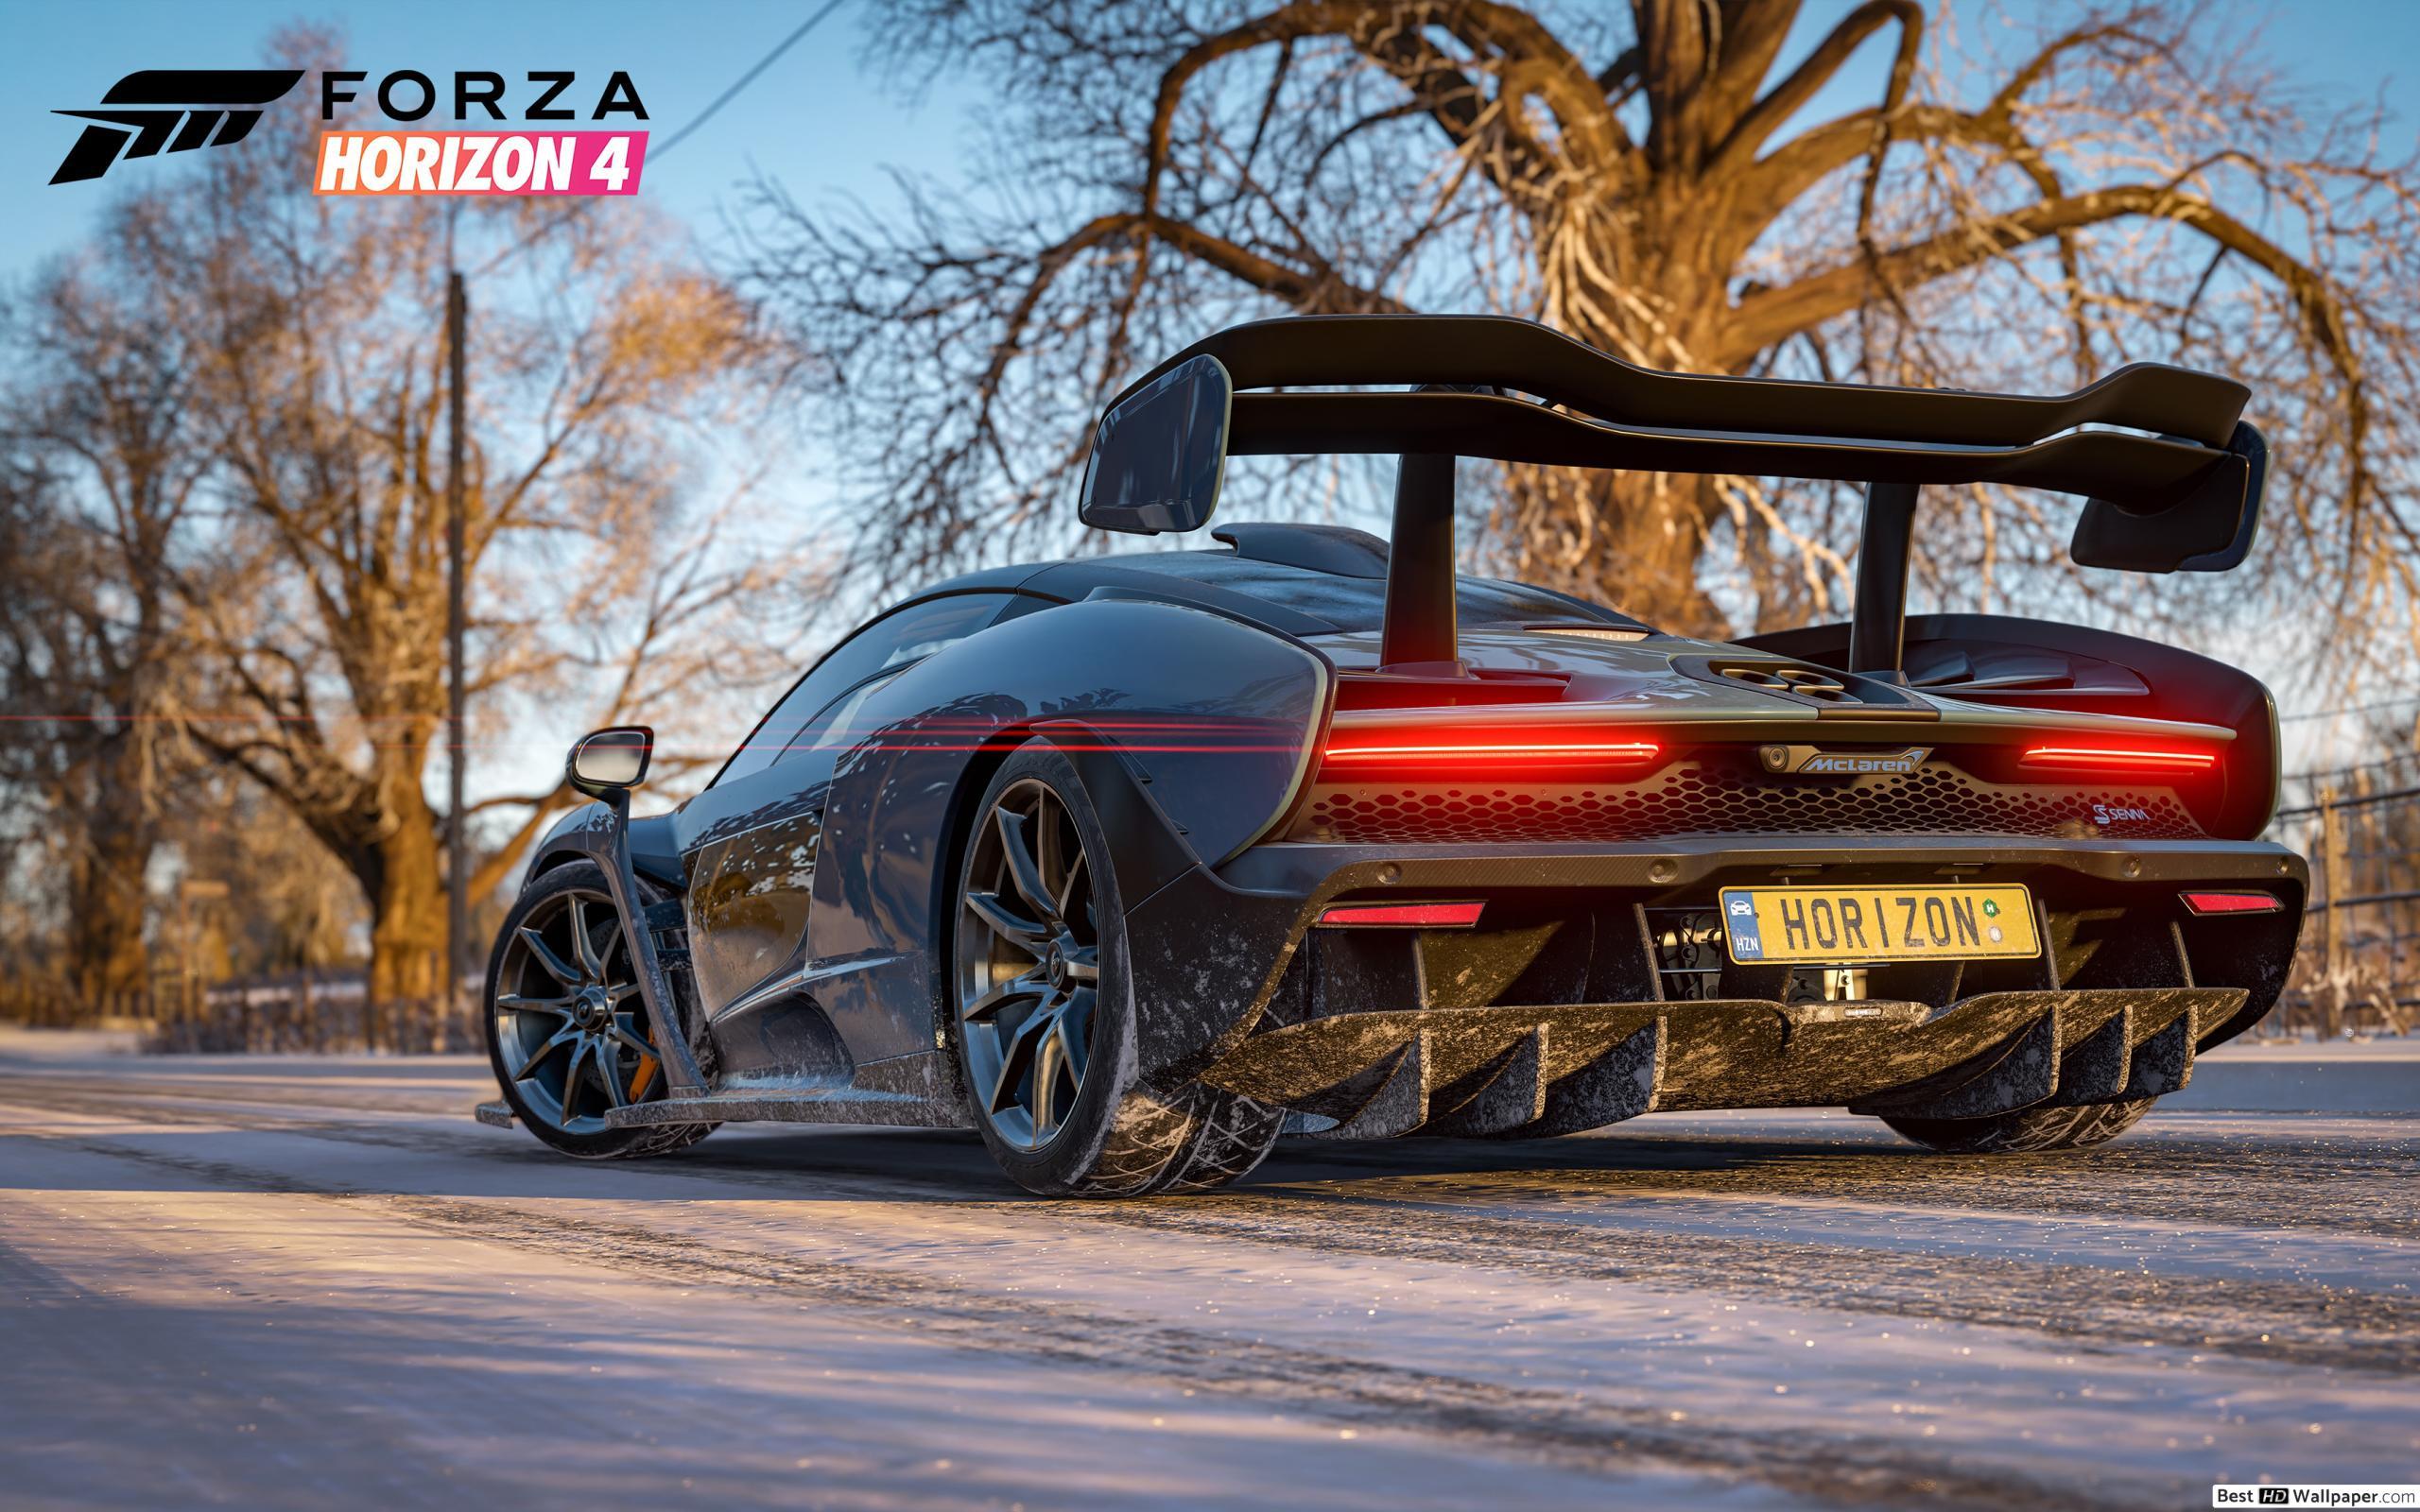 Forza Horizon 4 Jeu - Voiture De Course Mclaren Senna Hd destiné Jeux De 4 4 Voiture